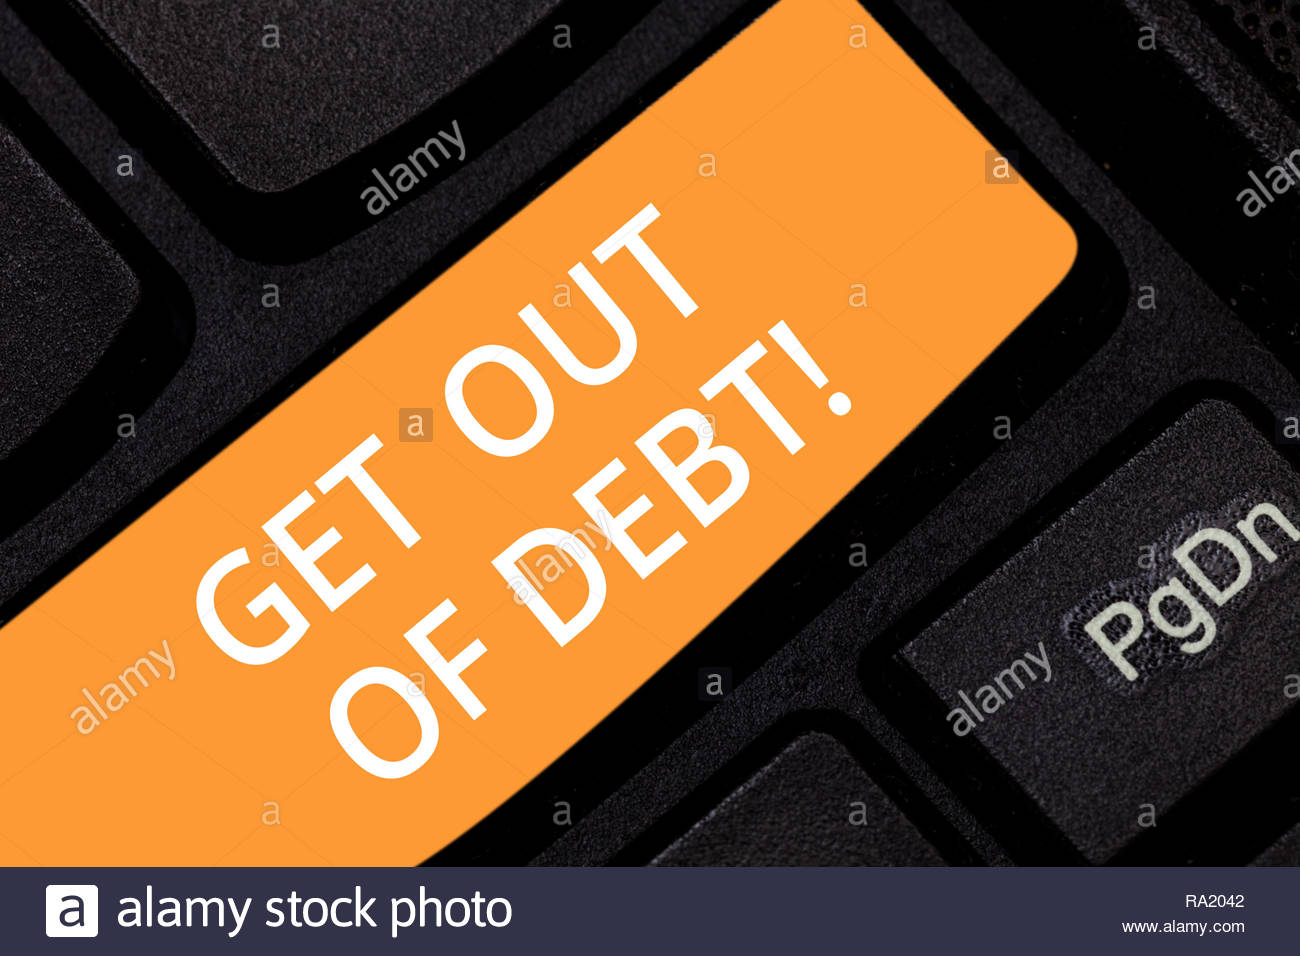 Escribir nota mostrando salir de deudas. Foto de negocios mostrando ninguna  perspectiva de ser pagado